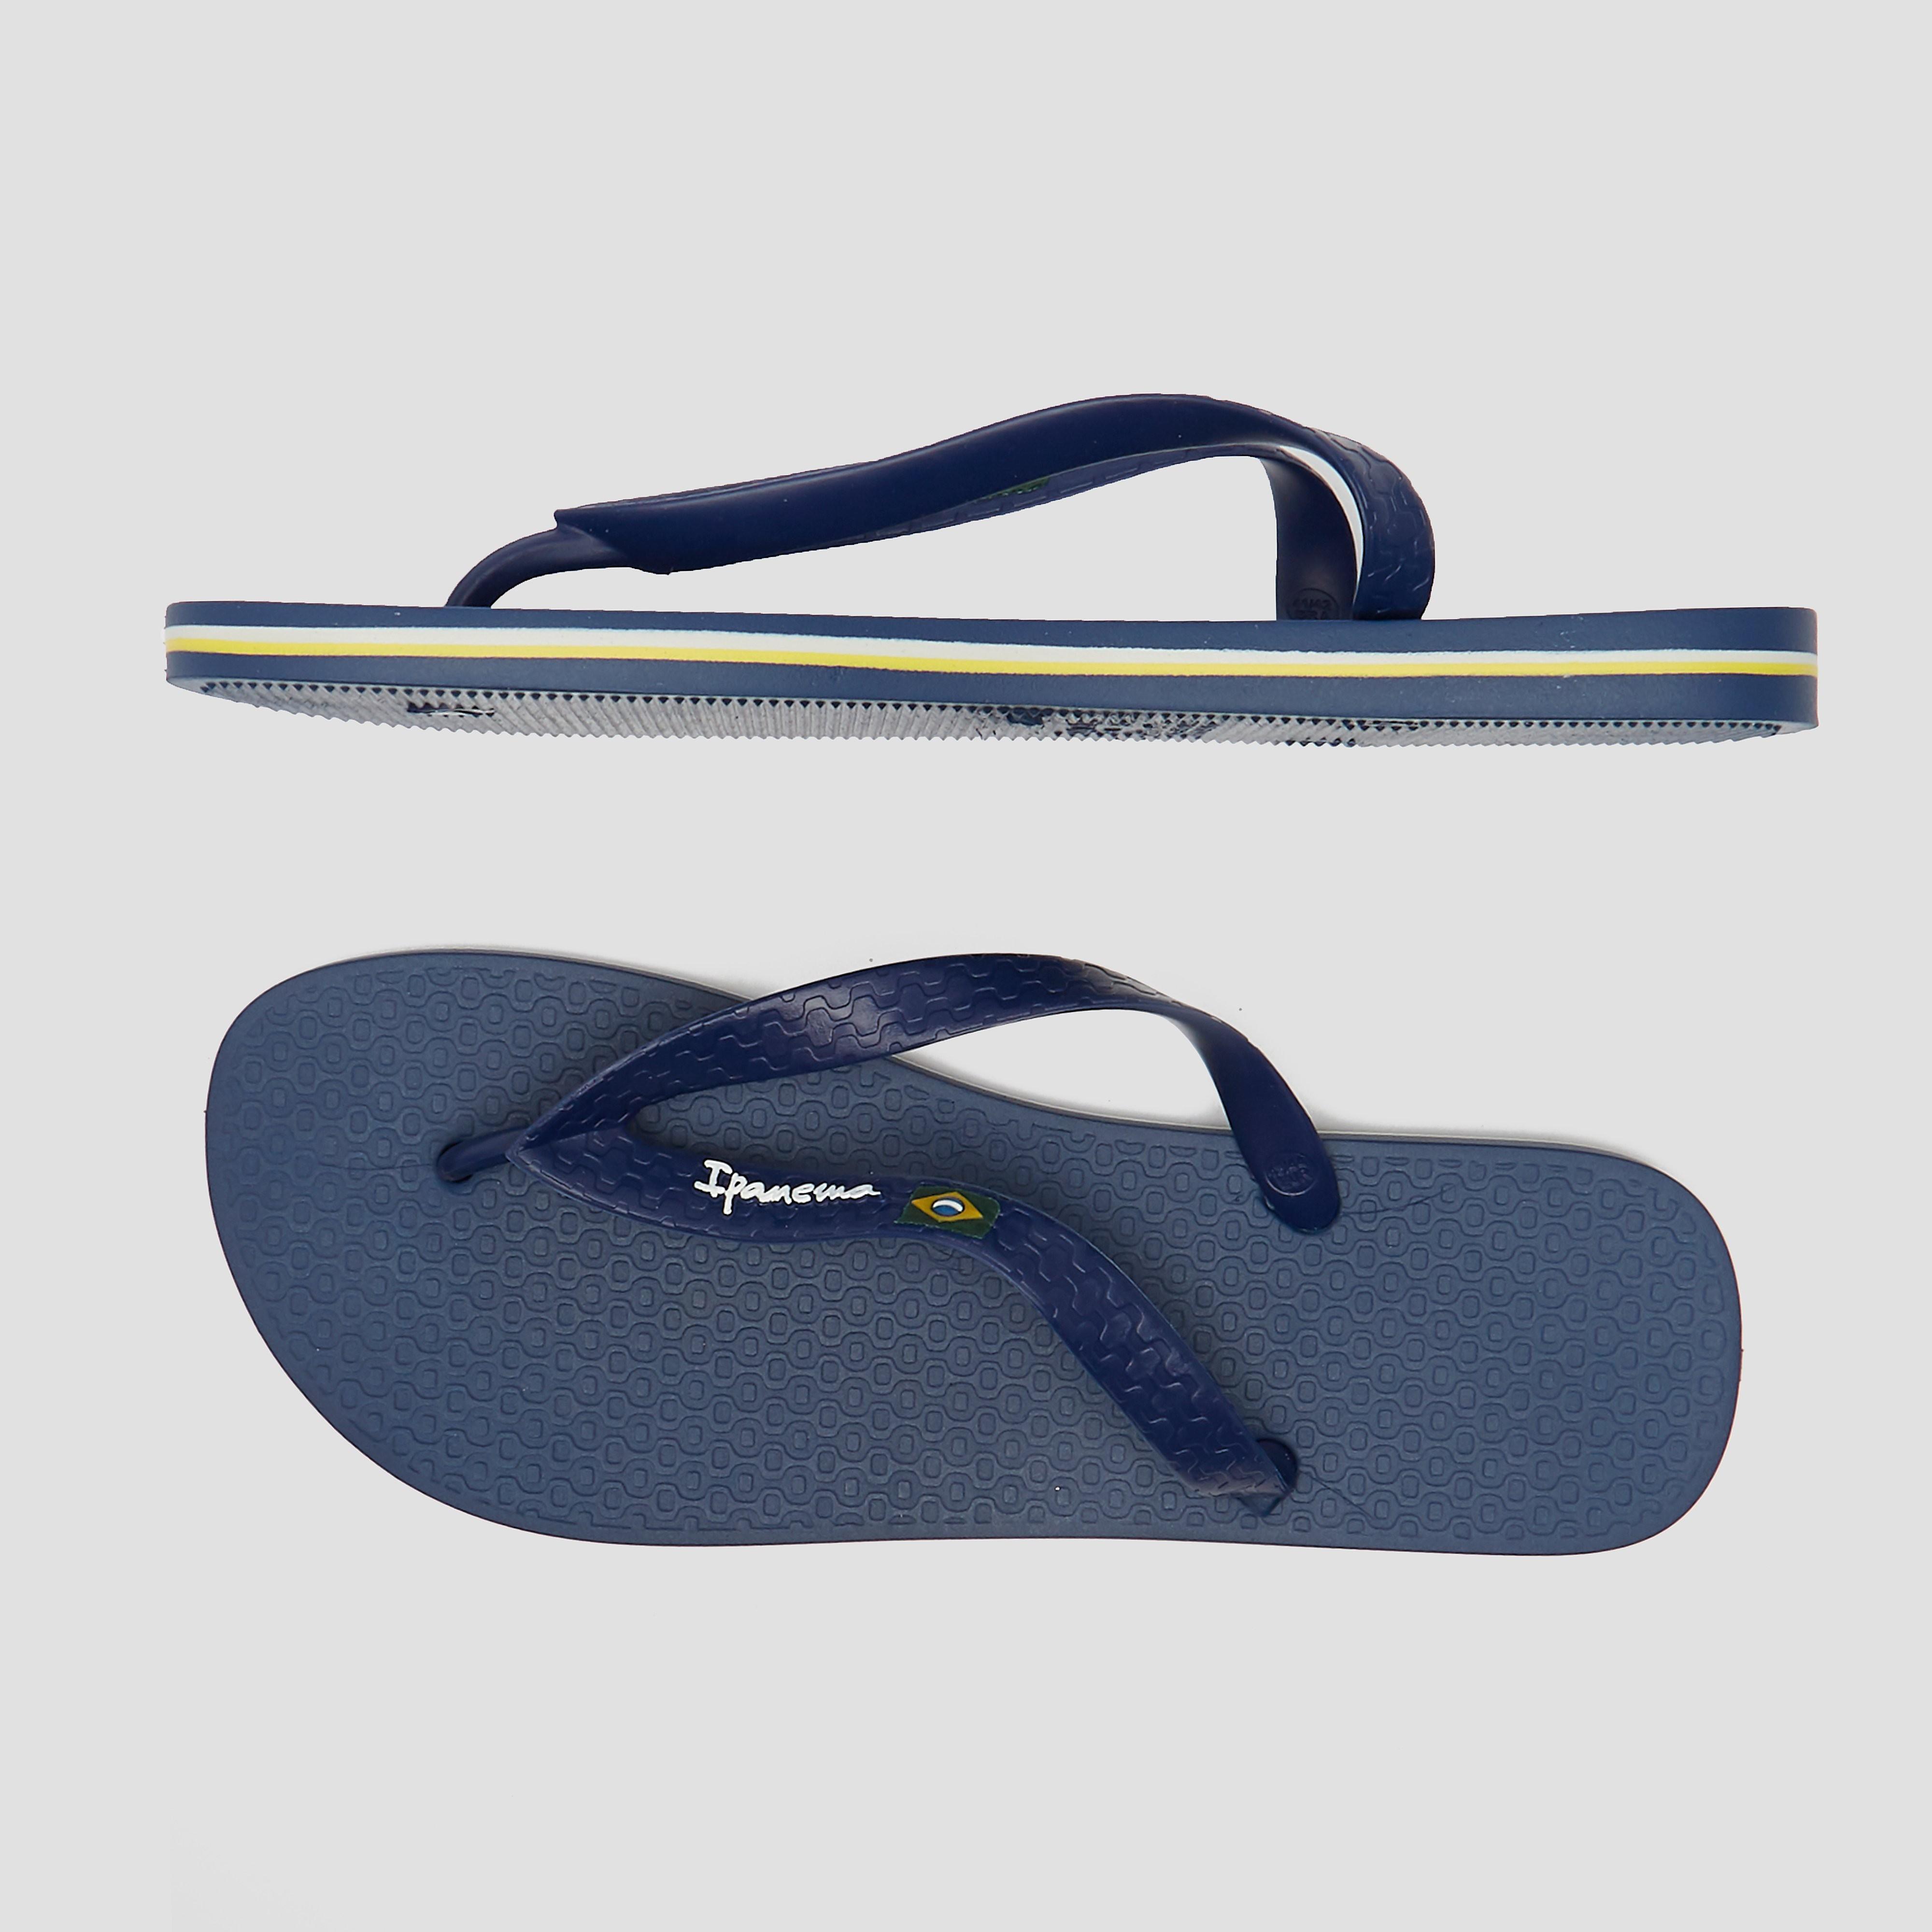 Ipanema Slipper classica brasil 2 blue-schoenmaat 41 42 online kopen